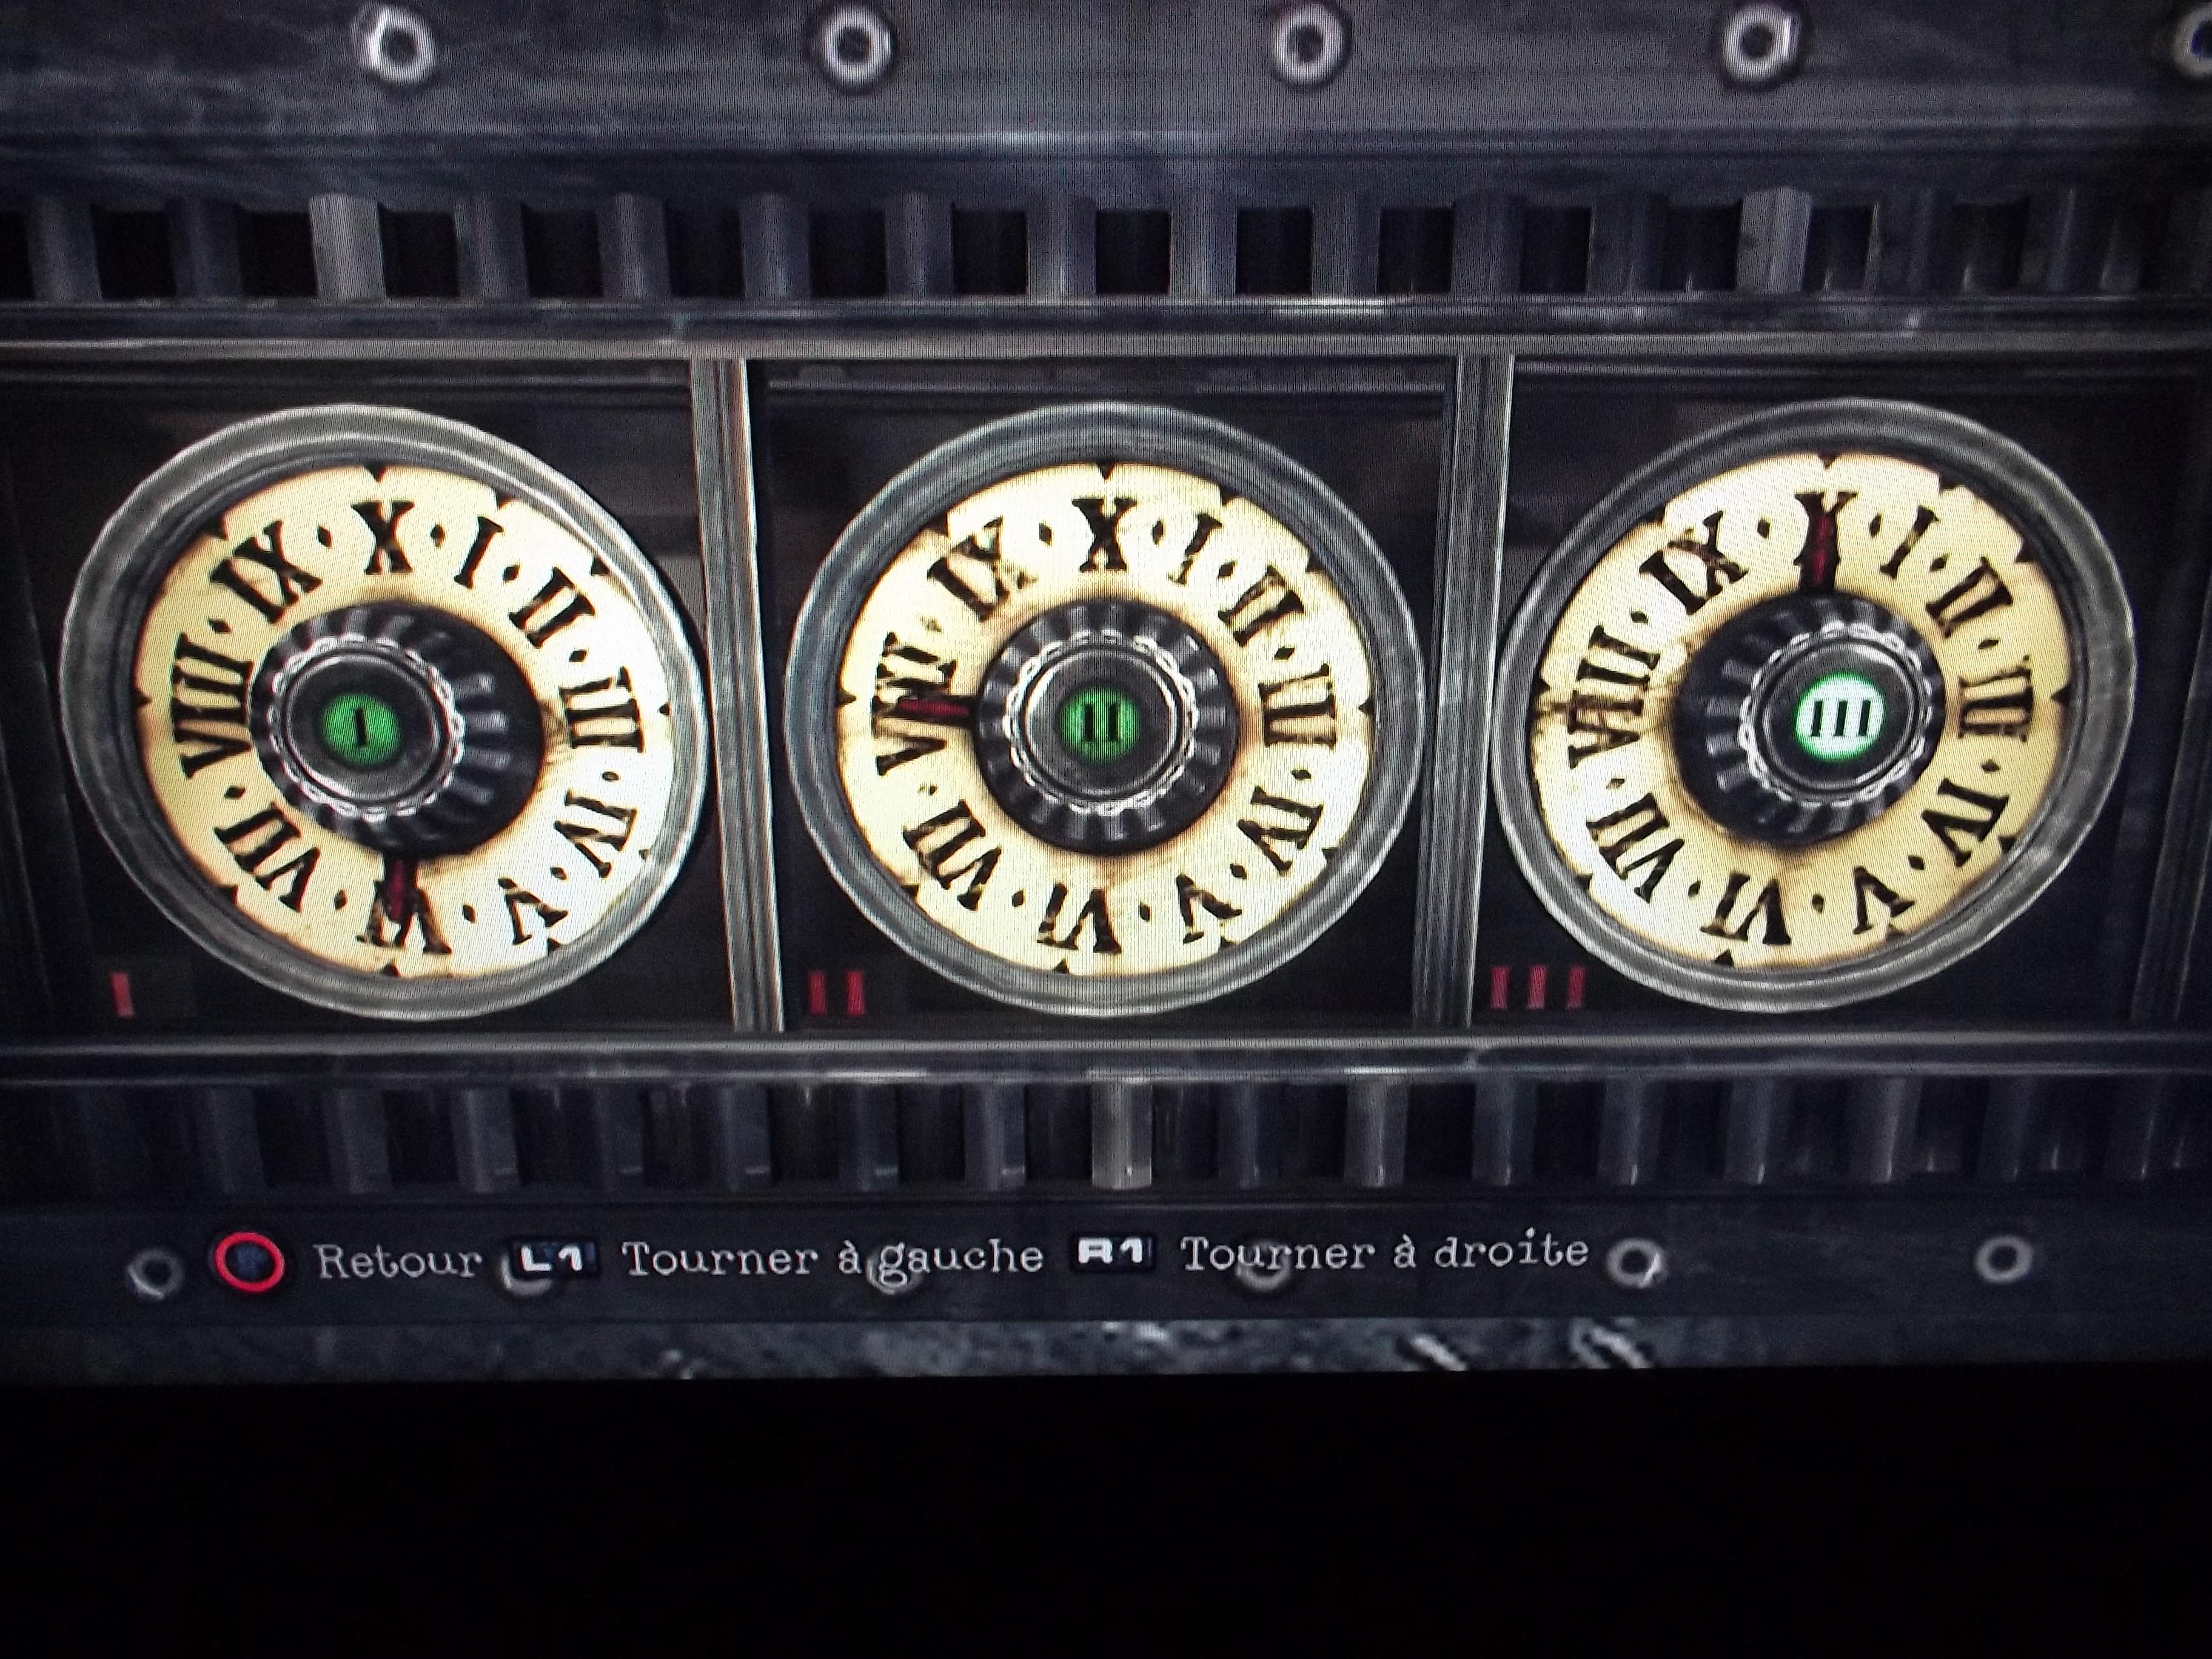 le code du coffre en chiffre romain sur le forum silent. Black Bedroom Furniture Sets. Home Design Ideas